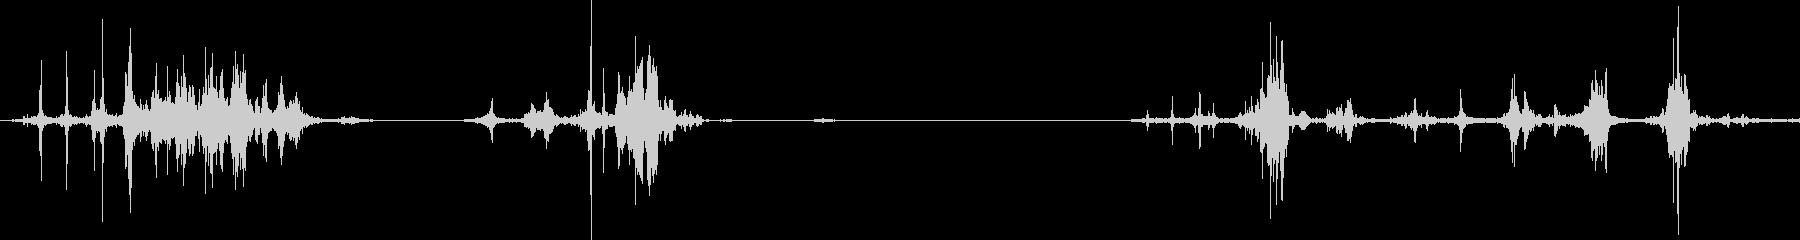 本のページをめくる音(パラパラ)の未再生の波形